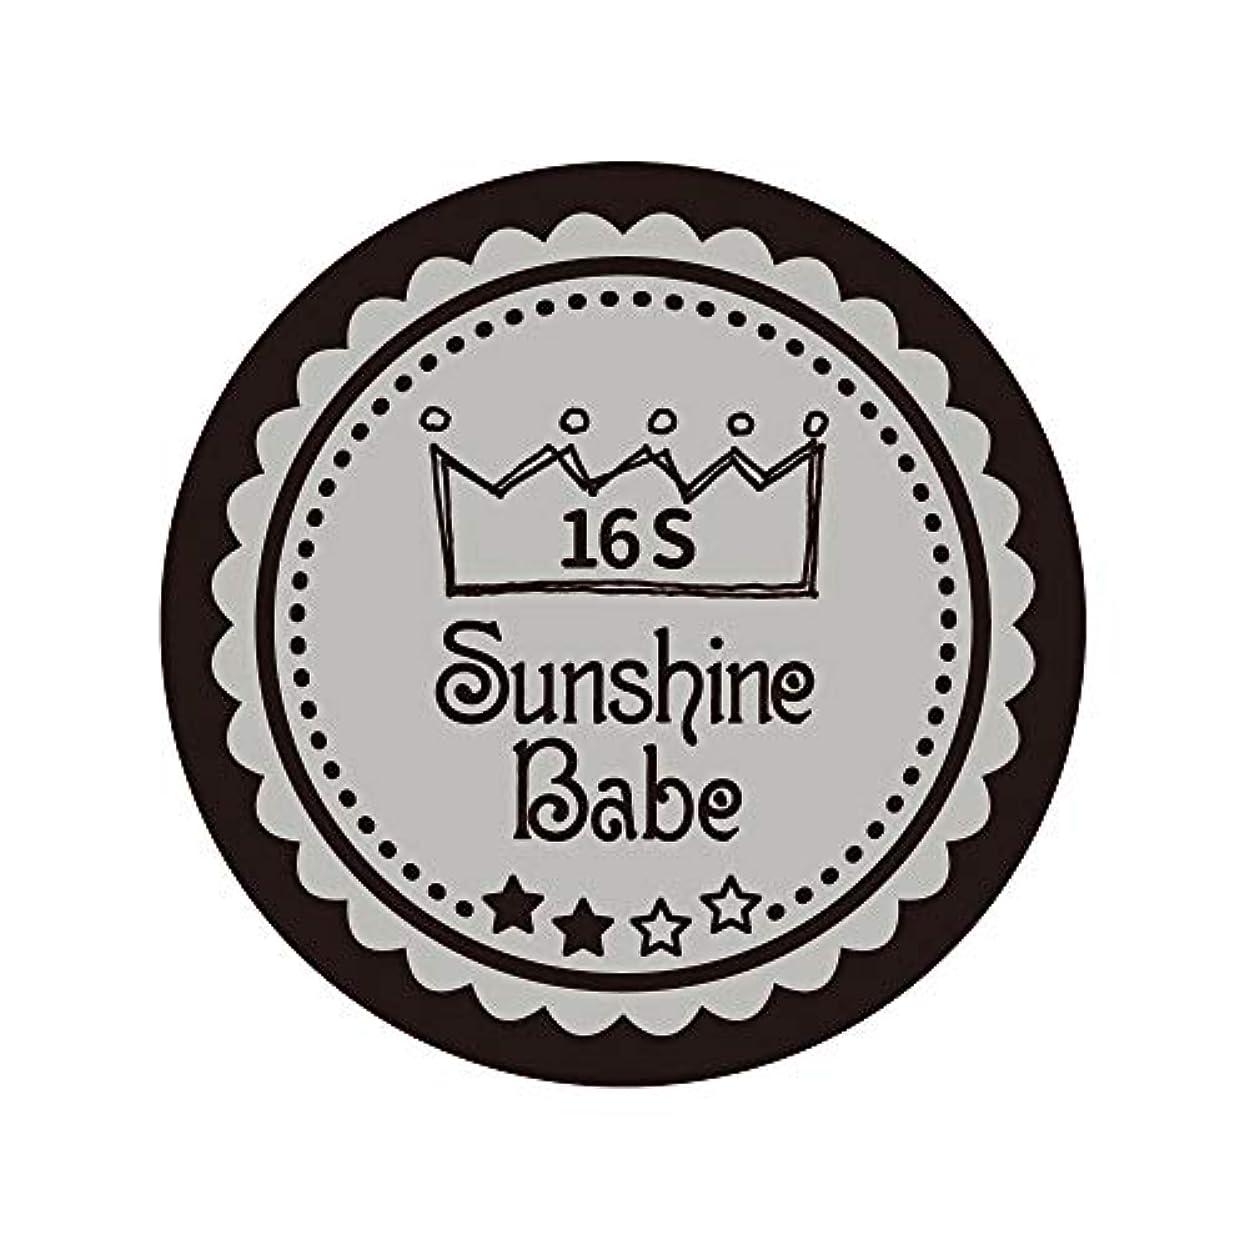 間隔長さ思慮深いSunshine Babe コスメティックカラー 16S ハーバーミスト 4g UV/LED対応